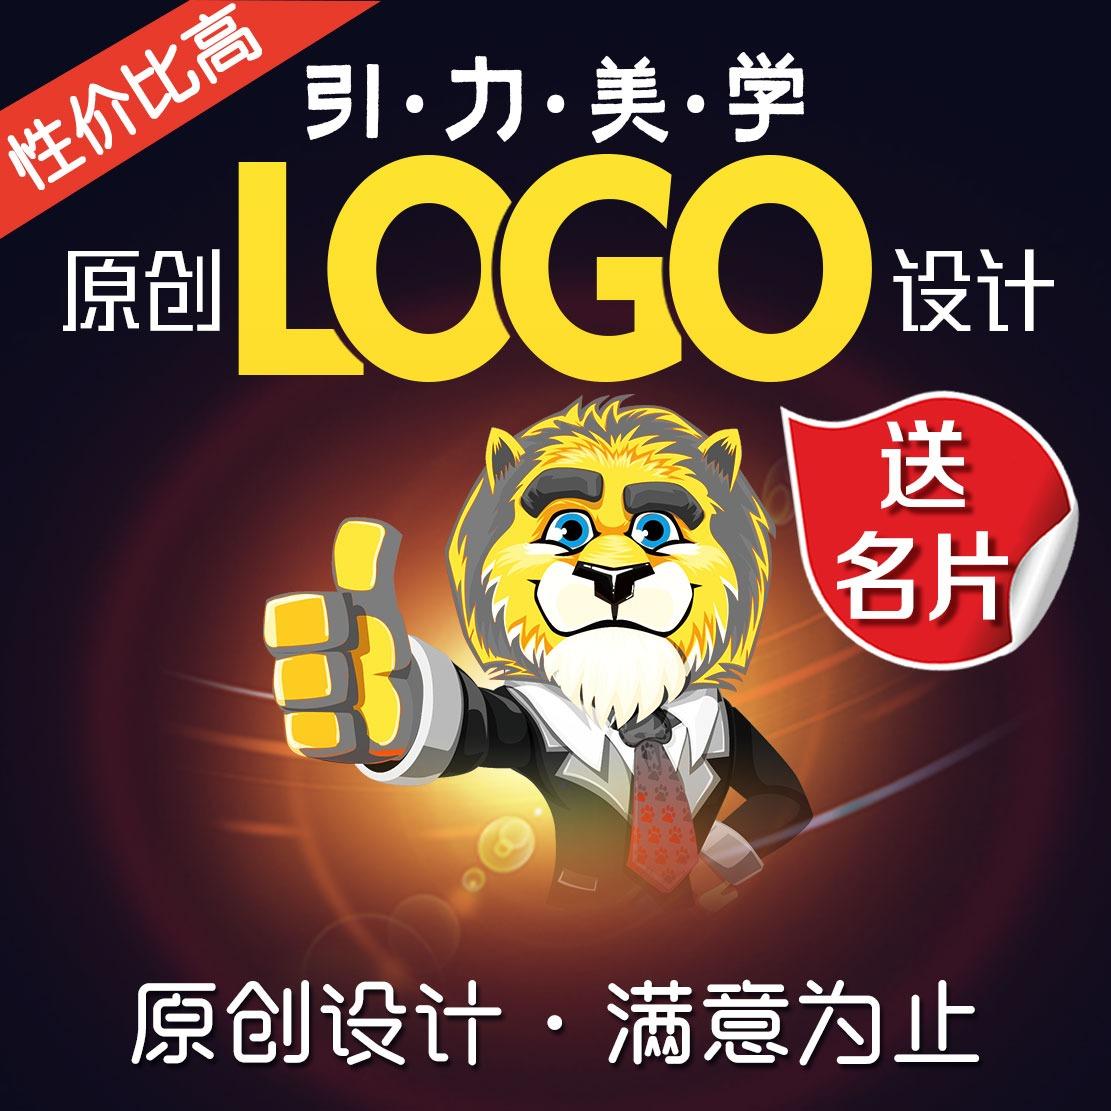 餐饮公司企业食品饮料互联网图形图文门店标志卡通LOGO设计